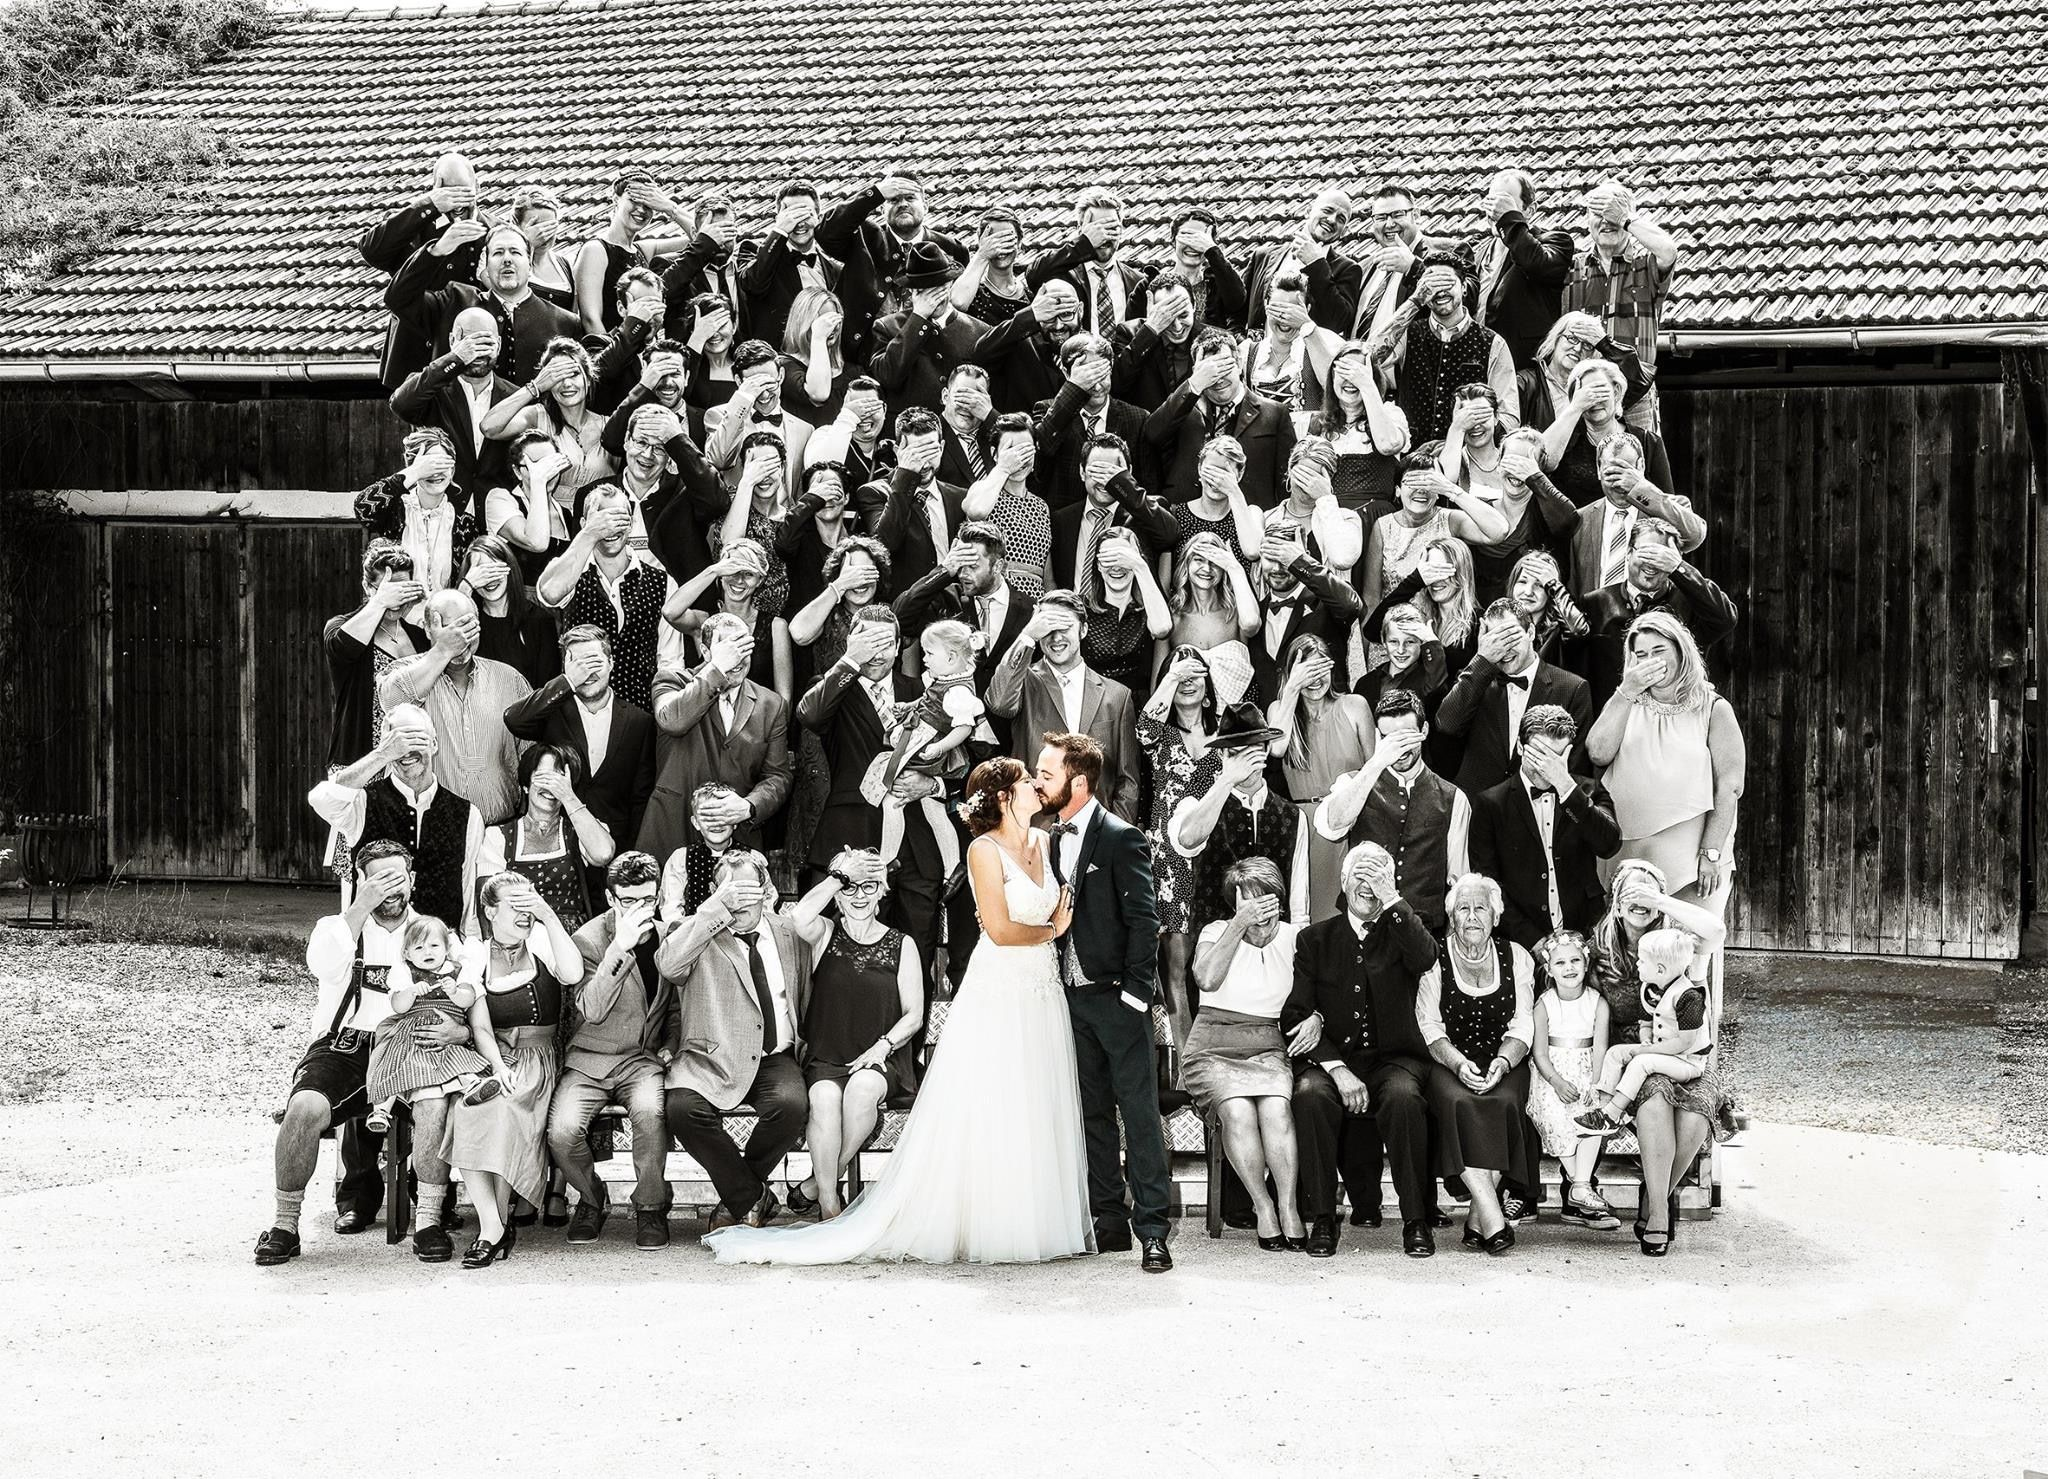 Gruppenbuidl Hochzeitsgruppenfoto Mal Anders Gruppenfoto Fotografie Fotos